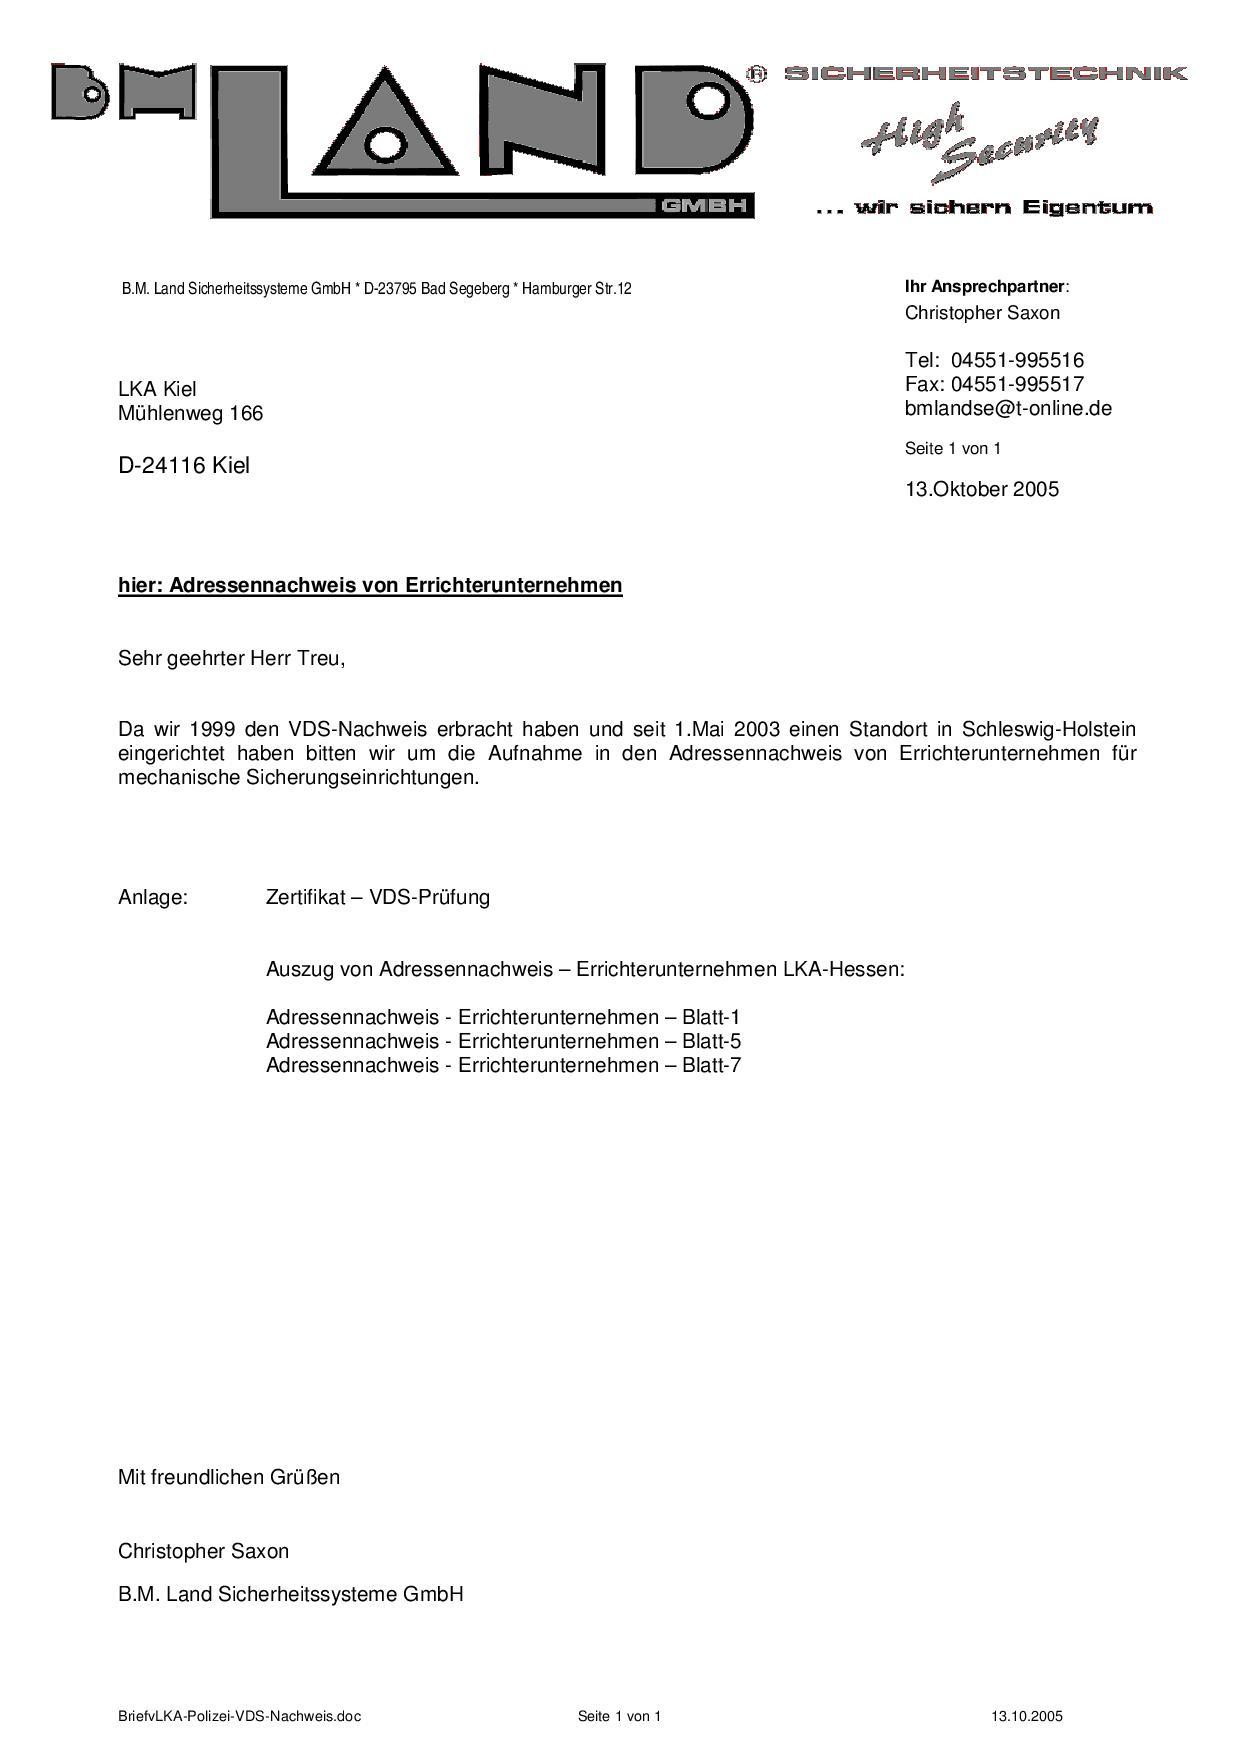 LKA-Polizei-VDS-Nachweis-001